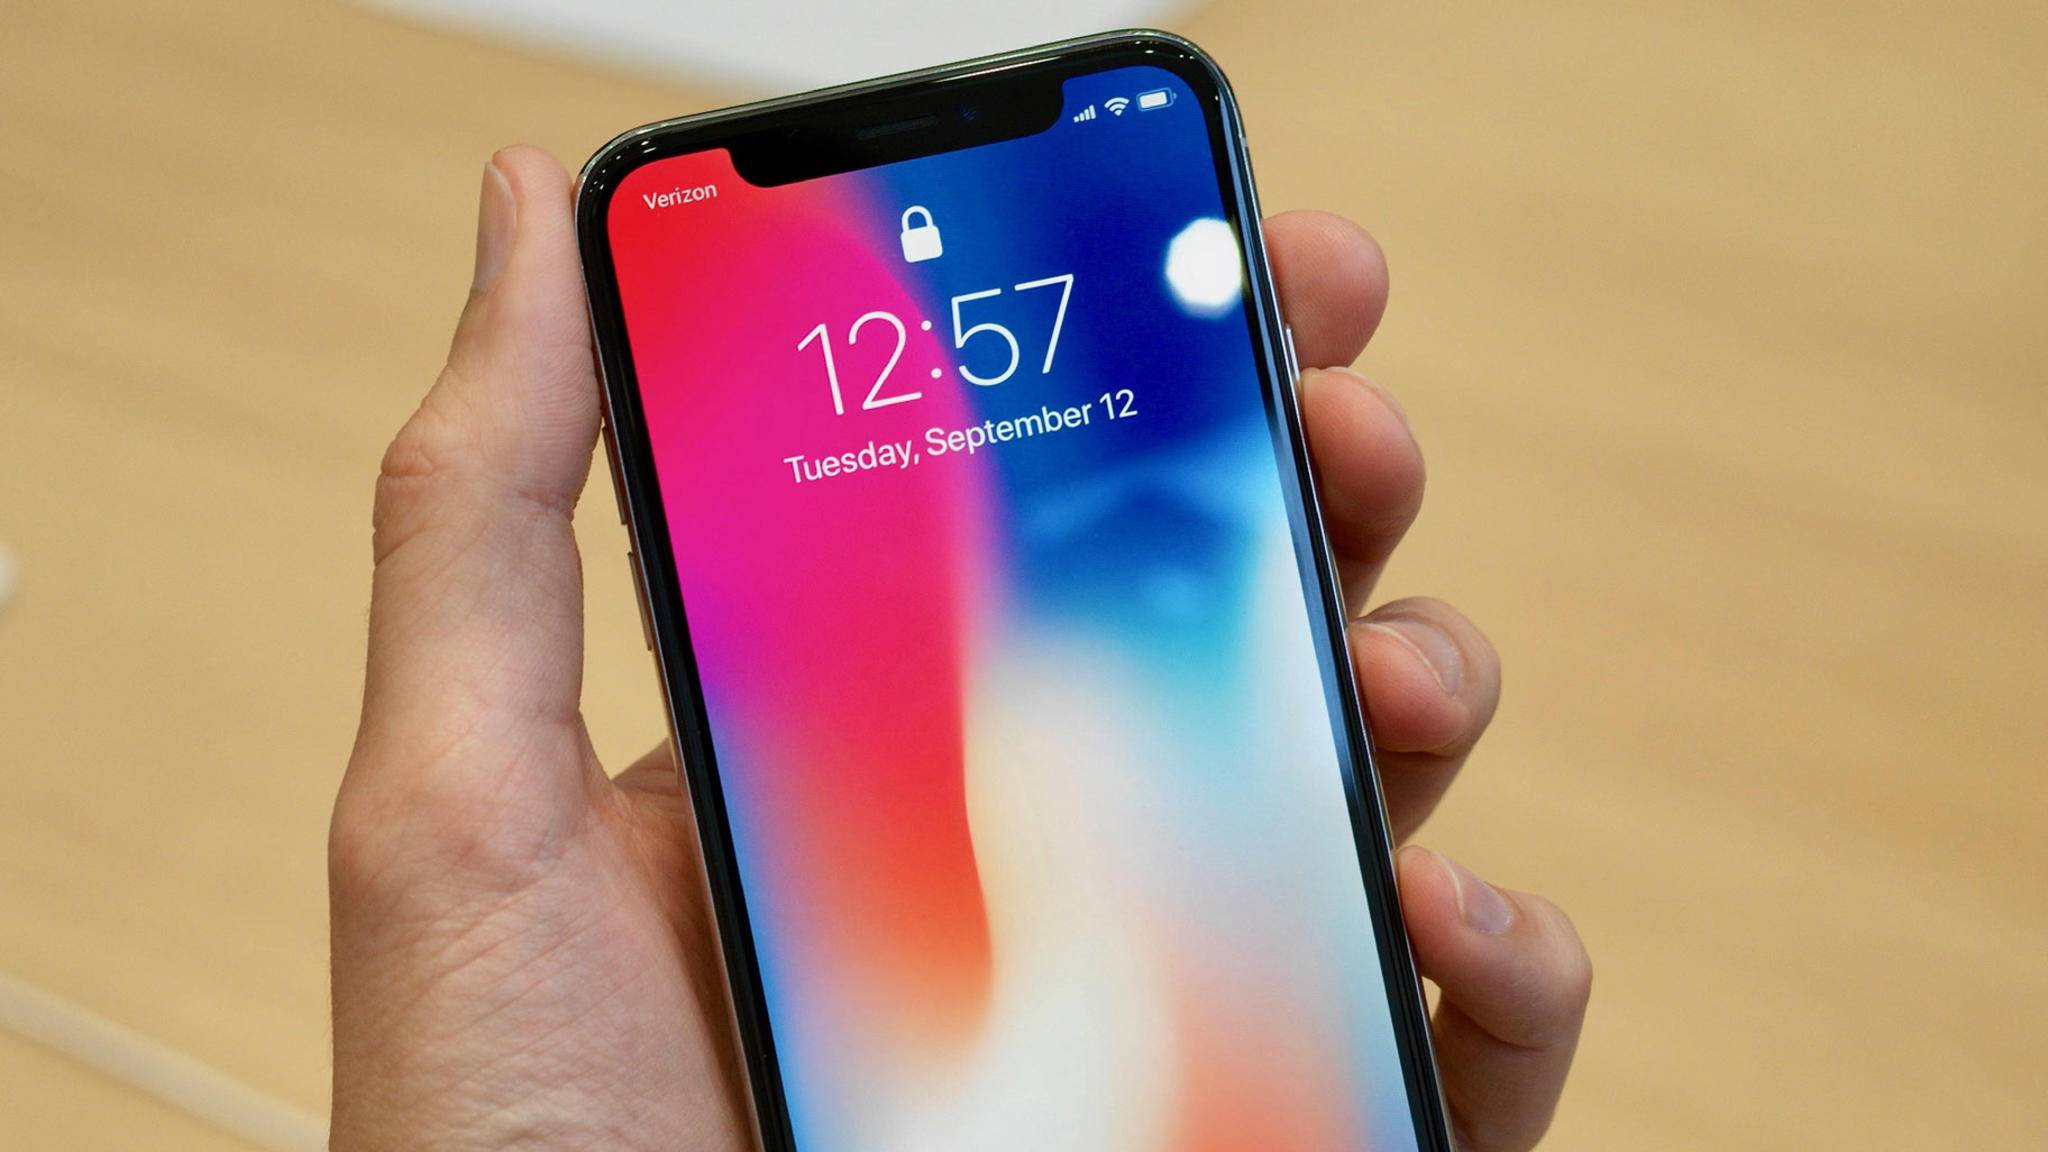 Zubehör für das iPhone X unterm Weihnachtsbaum? Wir haben 9 Vorschläge.